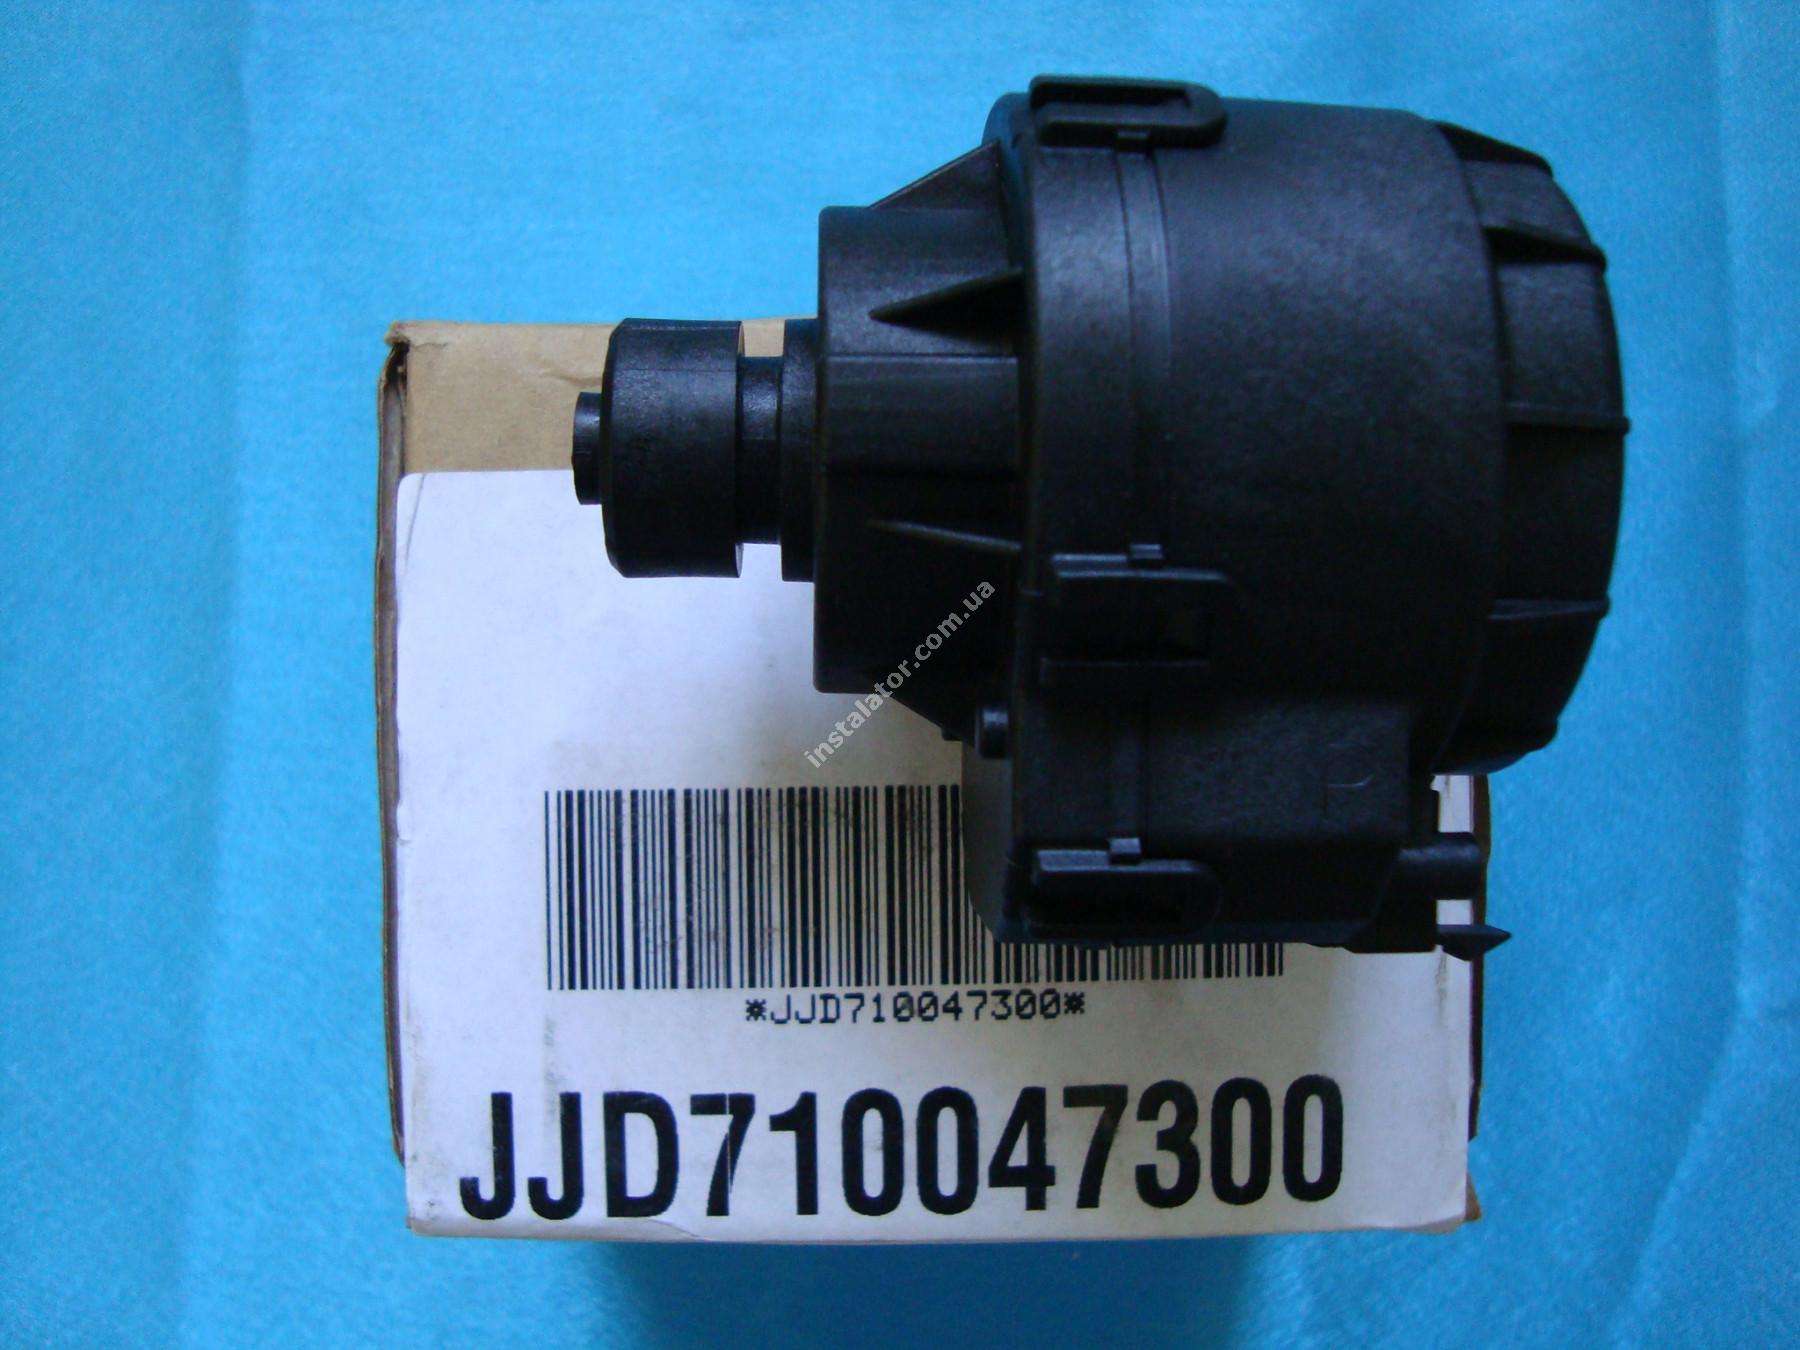 JJD710047300 Сервопривід 3-х ходового клапана Baxi  full-image-2